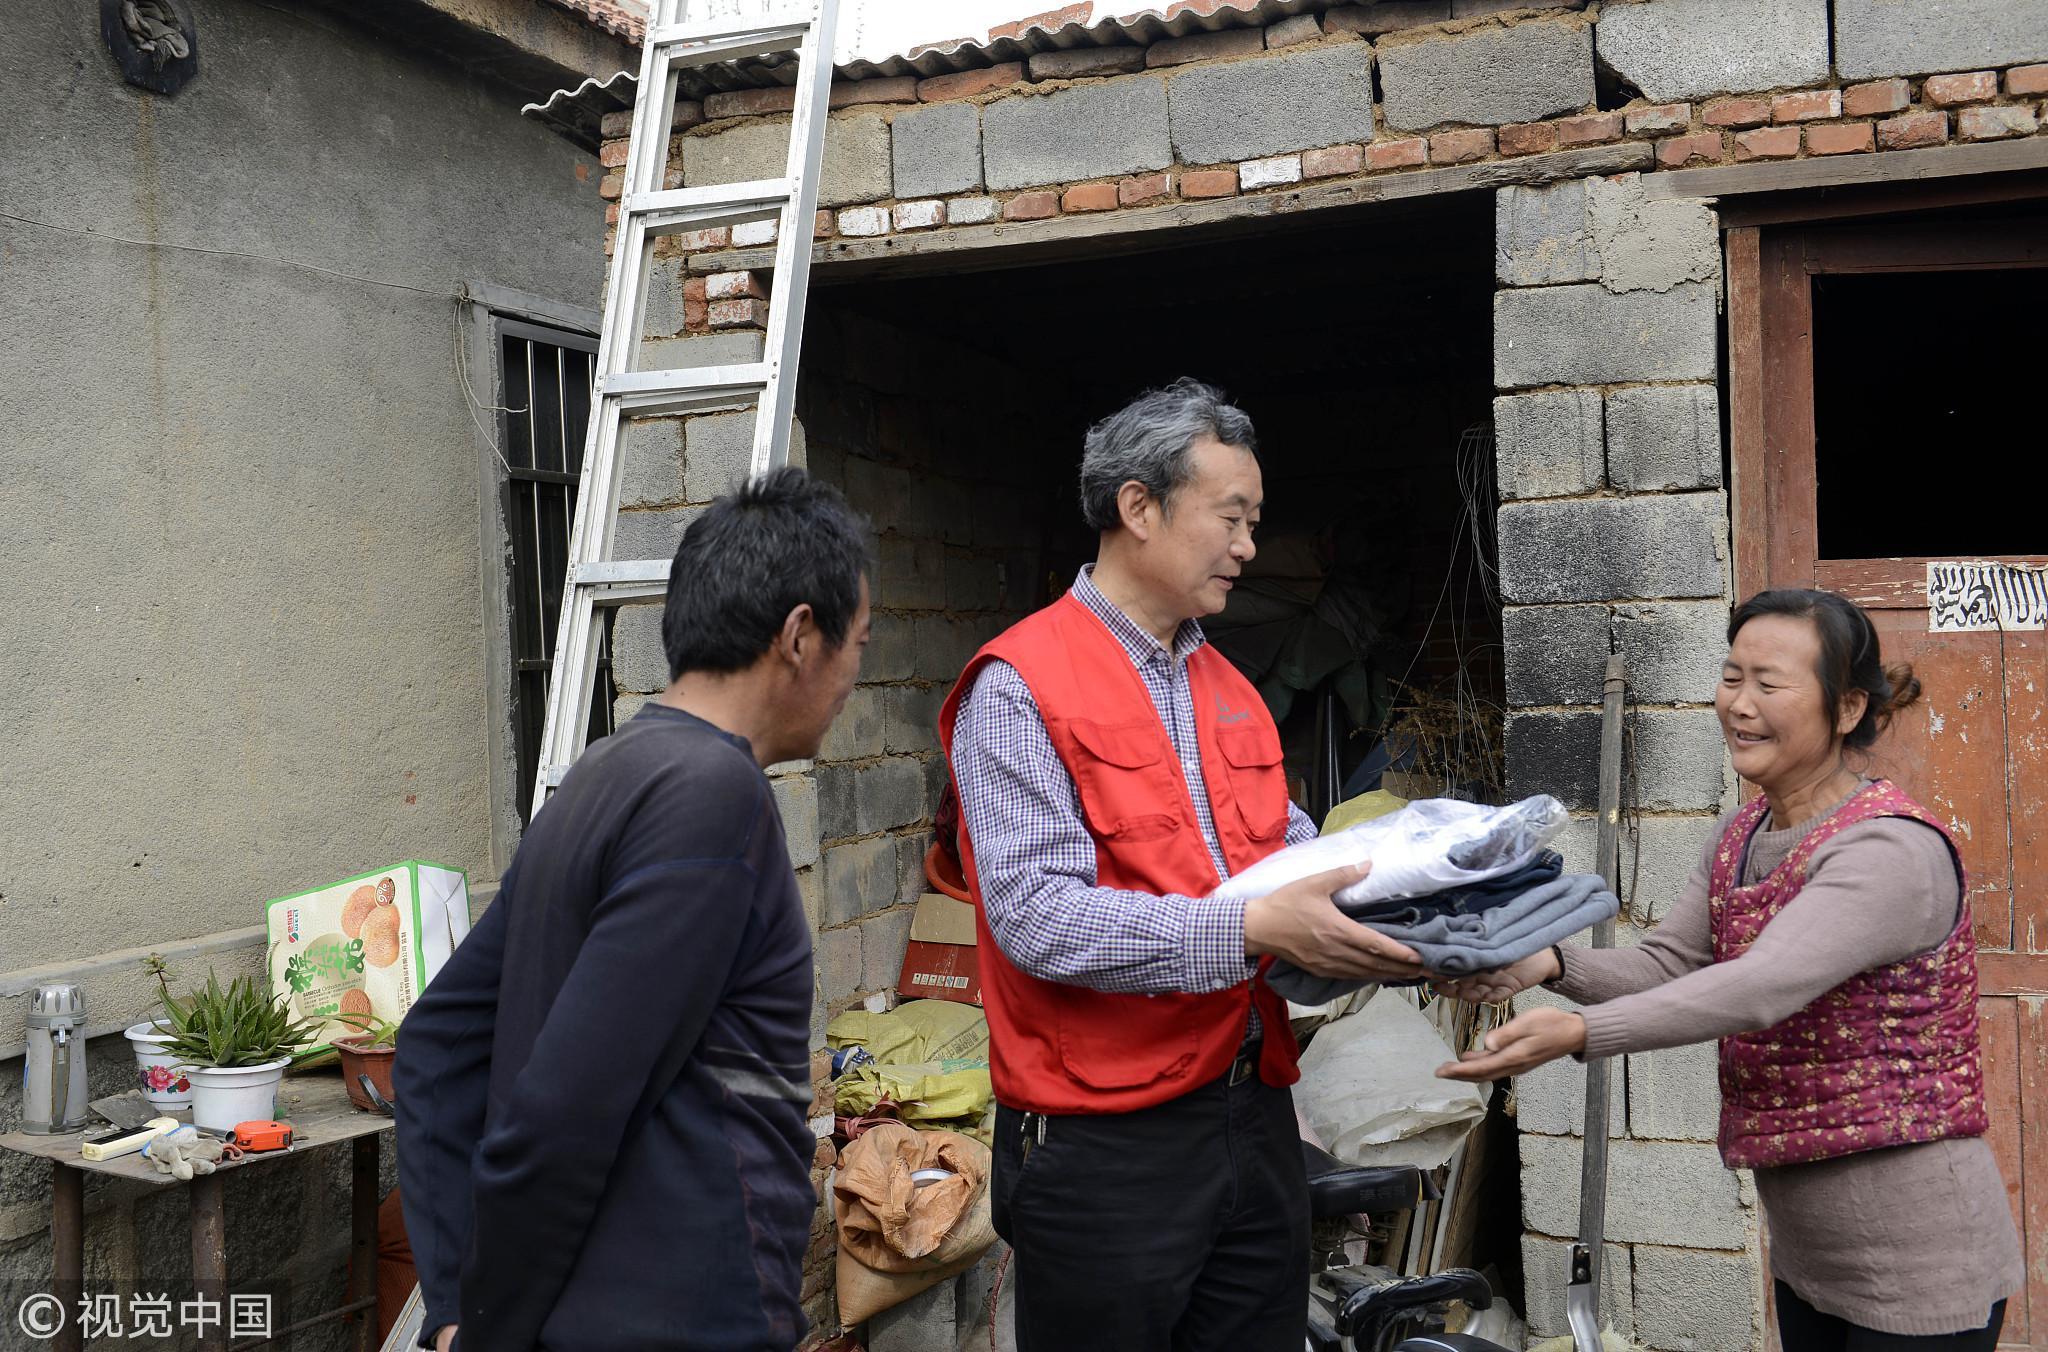 2017年4月7日,山东济宁,邹城市儒润爱心组织将部分旧衣物送到大束镇困难家庭。/视觉中国